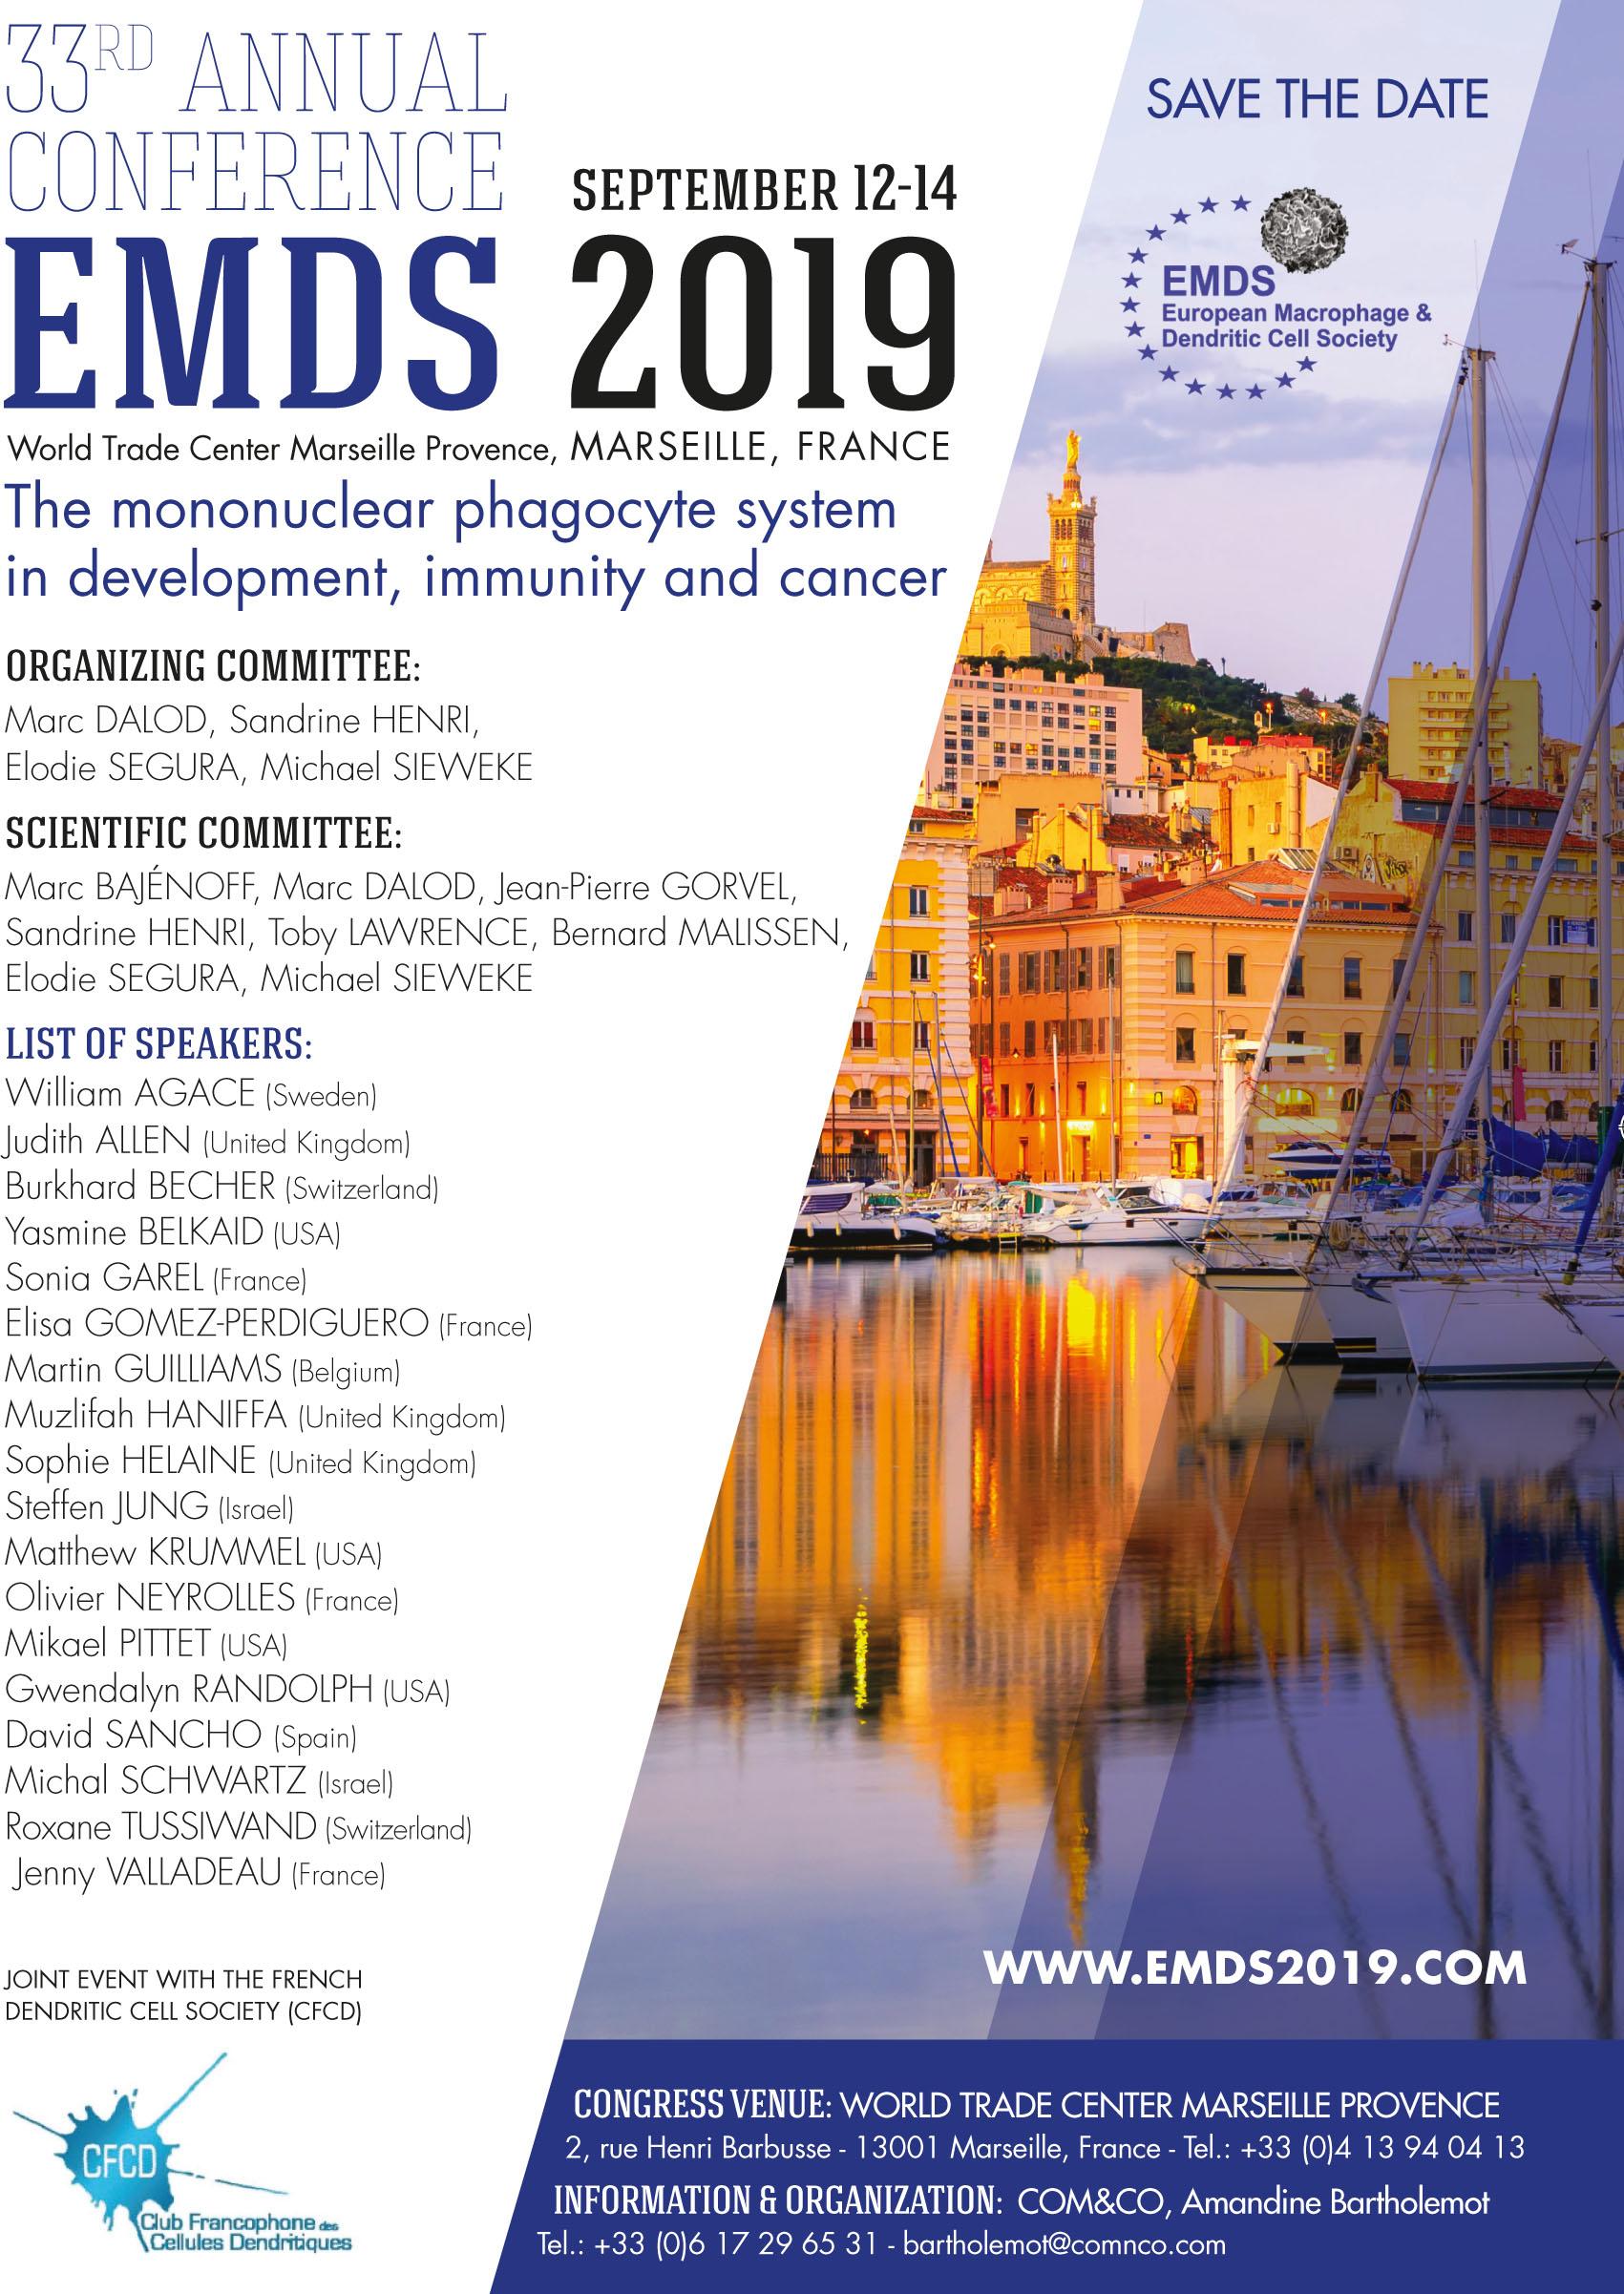 EMDS2019